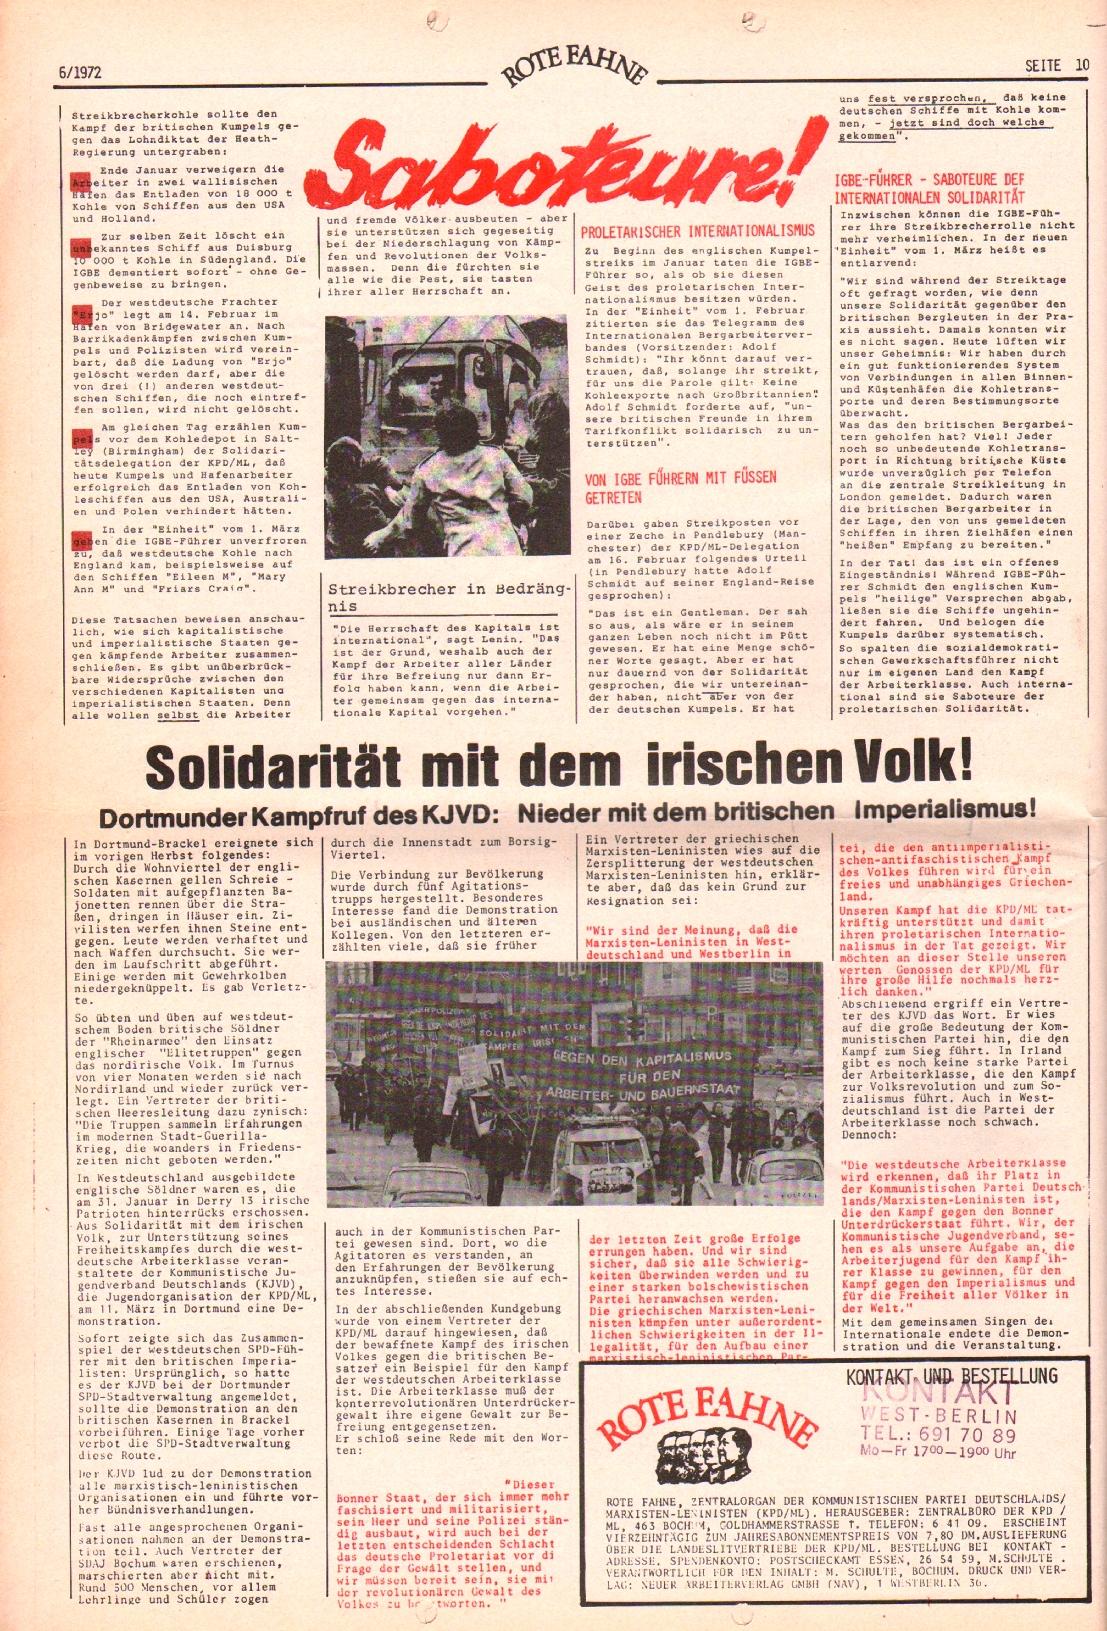 Rote Fahne, 3. Jg., 20.3.1972, Nr. 6, Seite 10